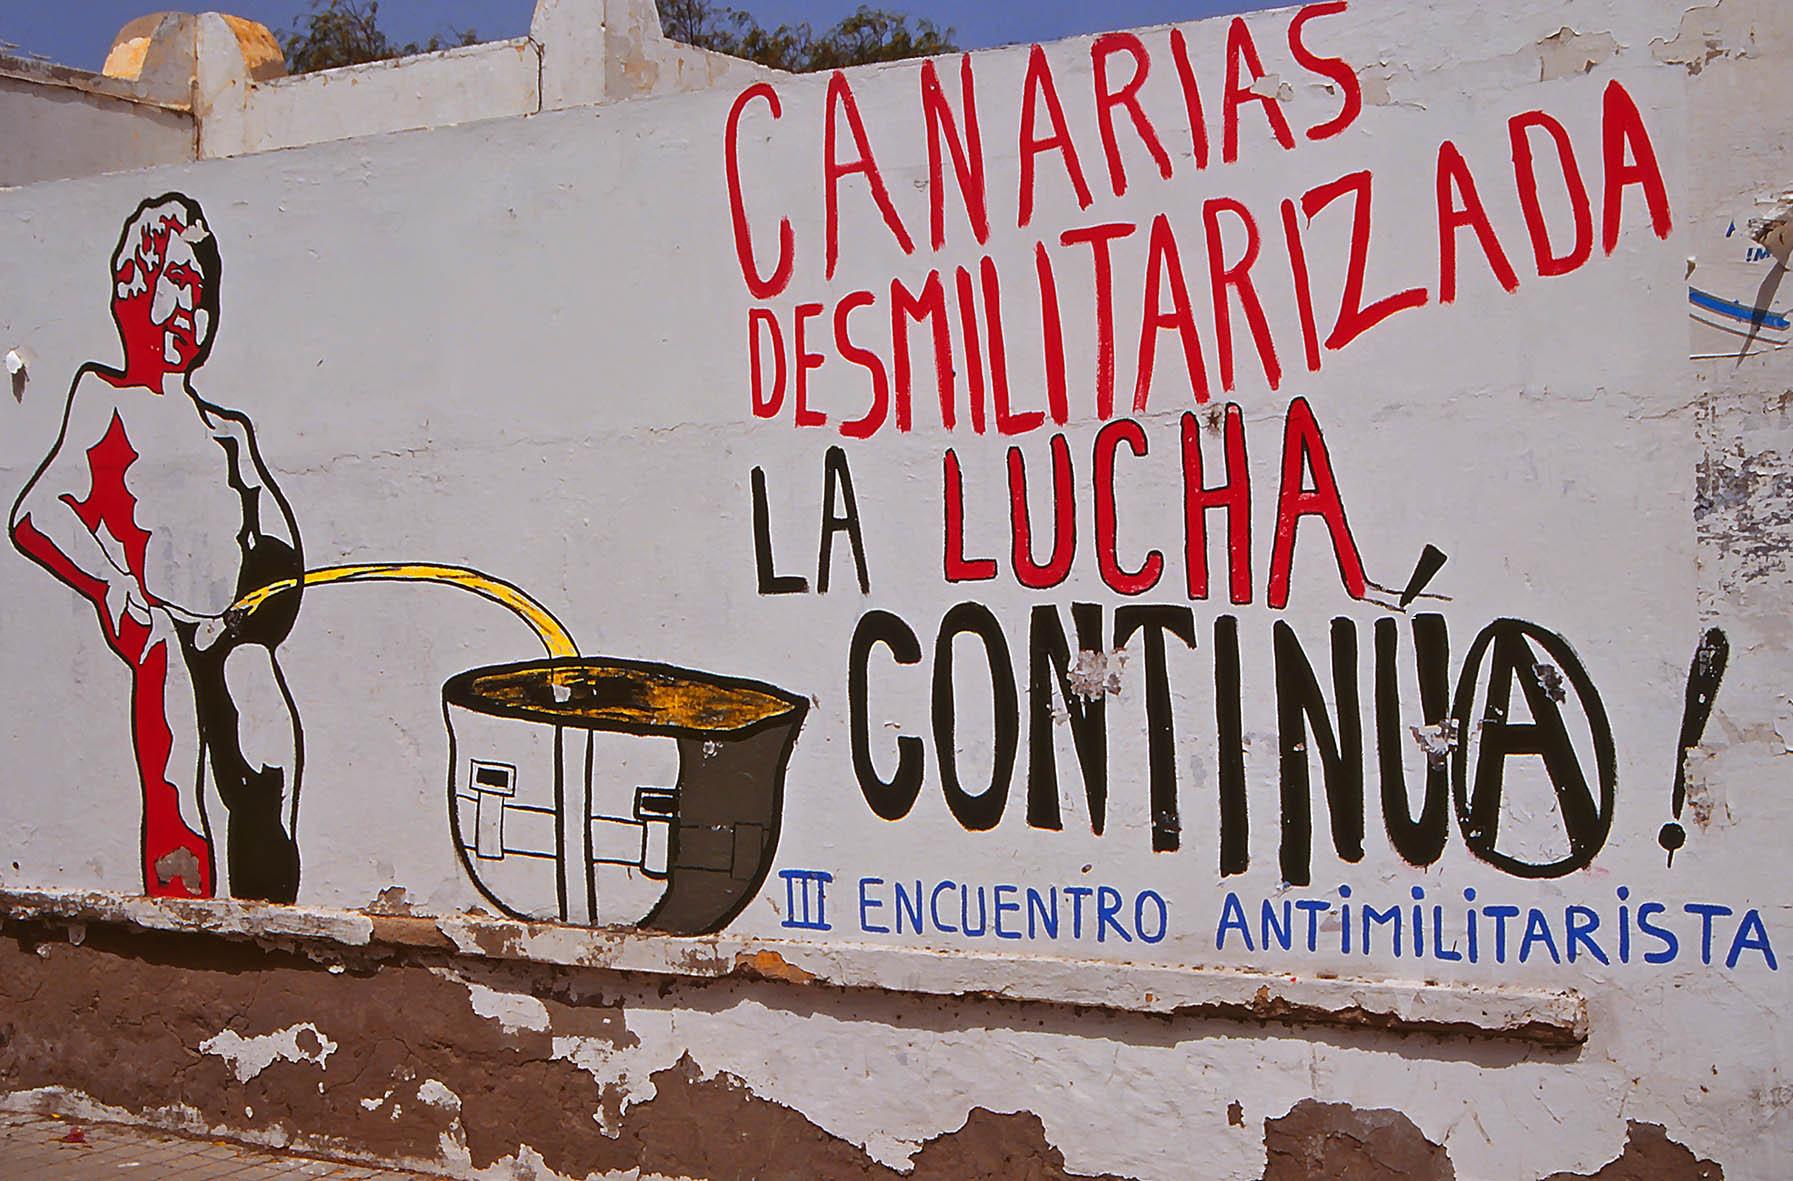 Desmilitarizda, Gran Canaria, 1994